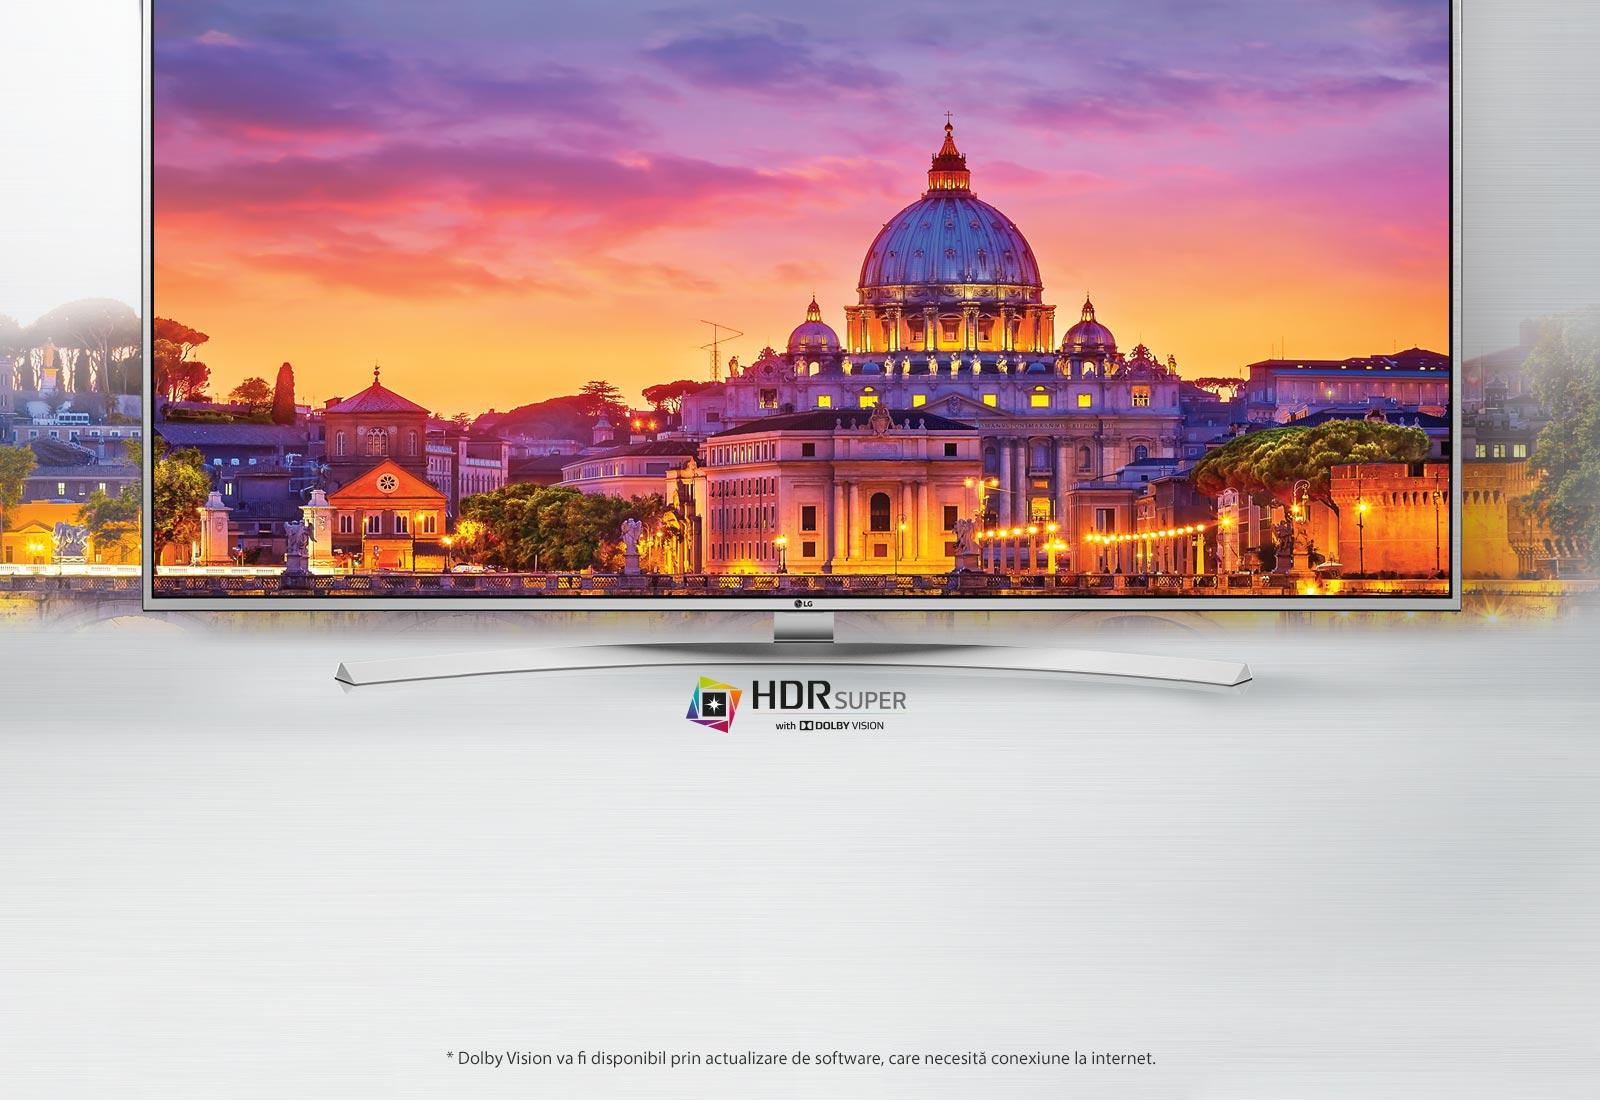 HDR SUPER cu Dolby Vision